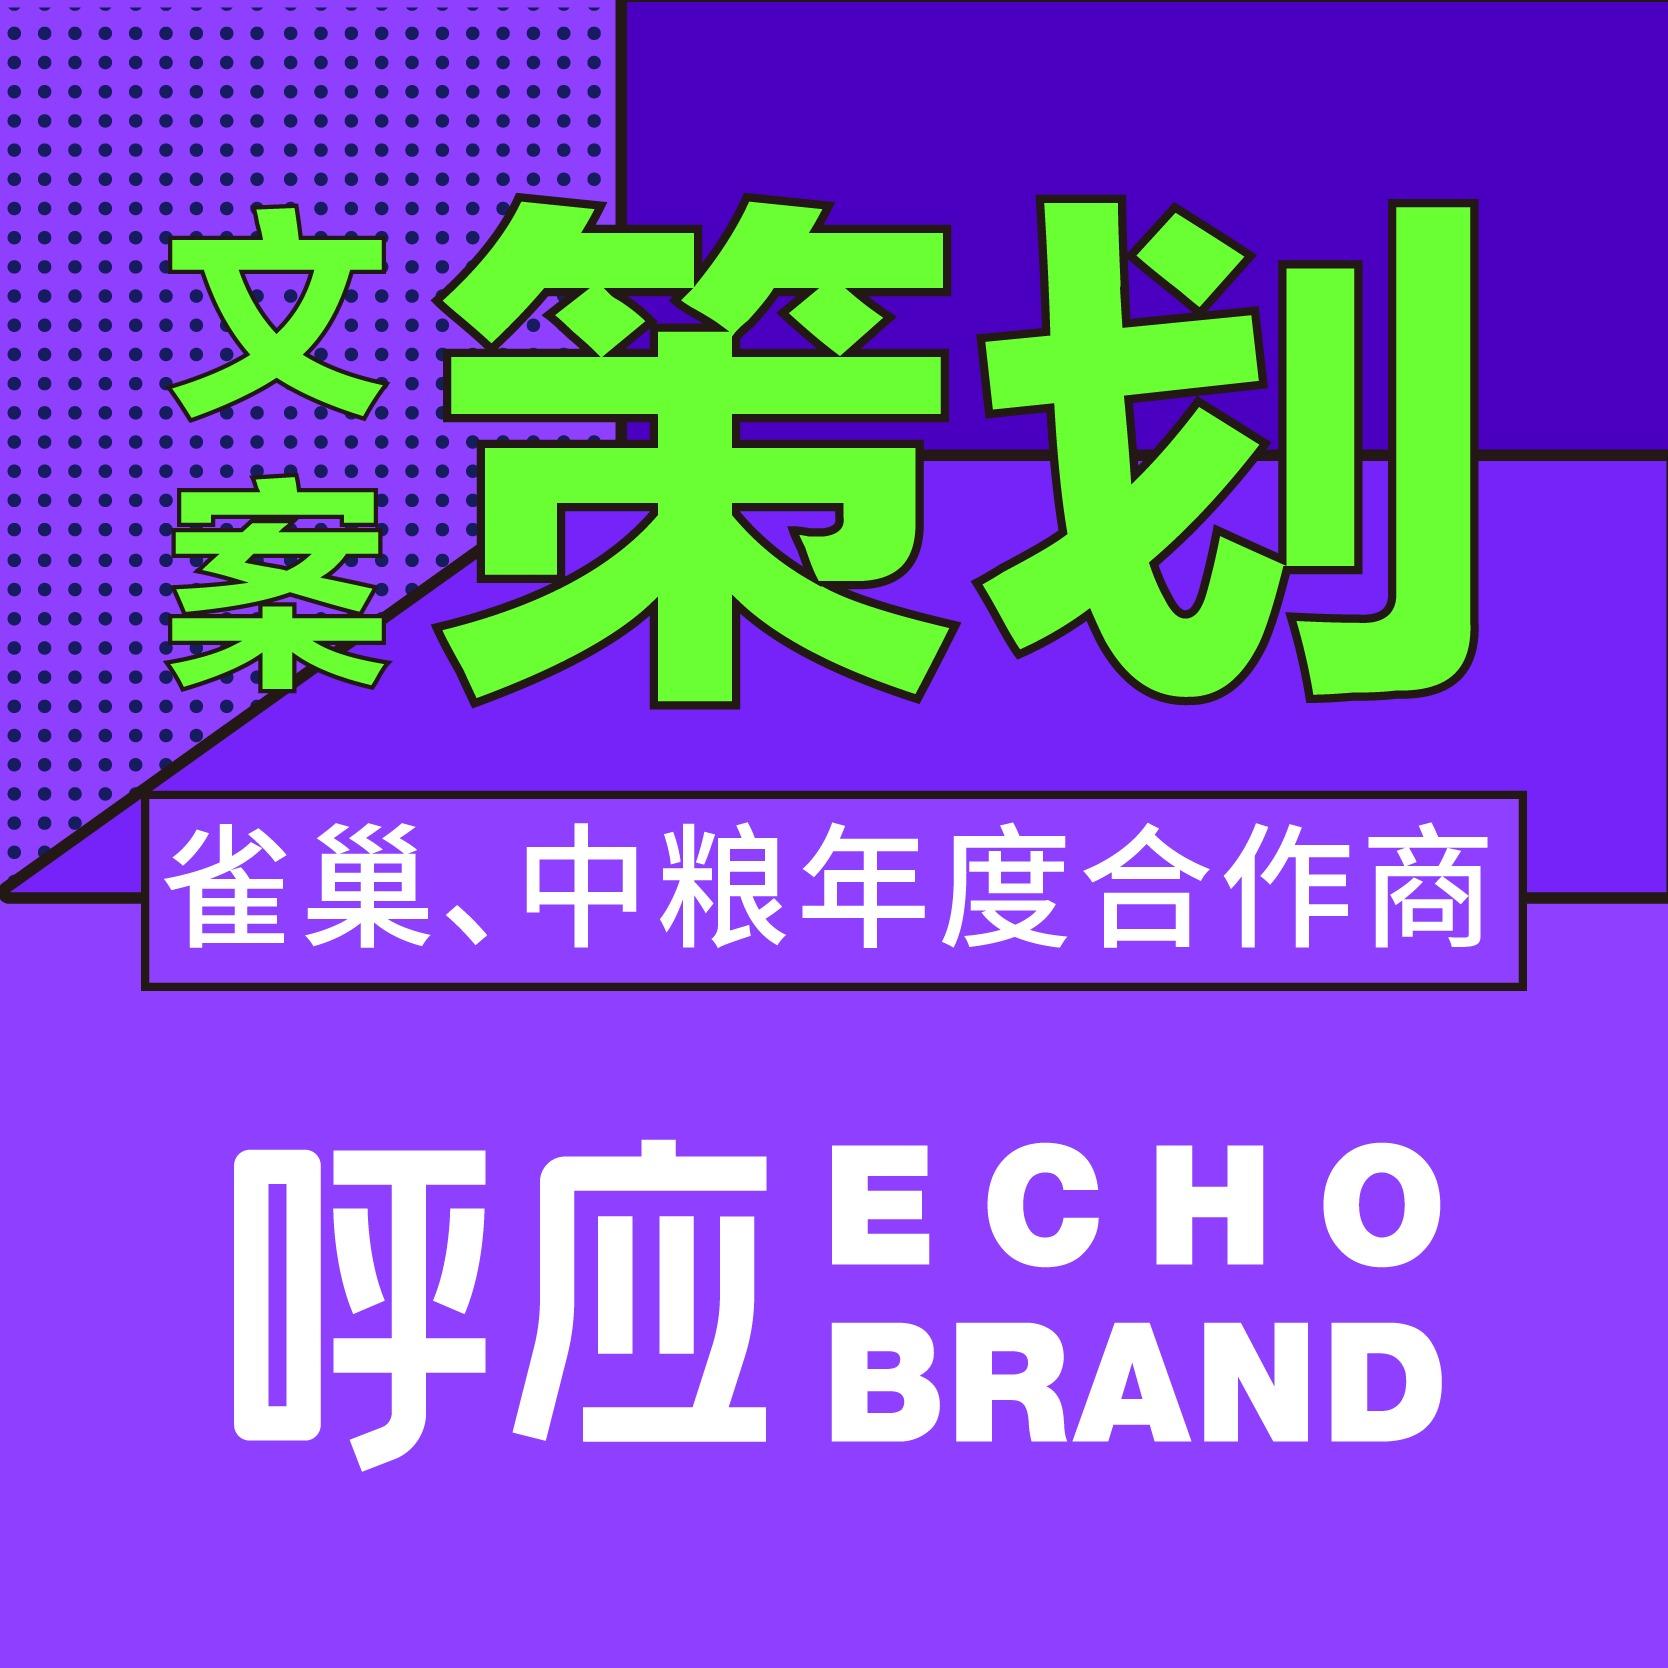 产品故事描述广告语内涵文化理念宣传手册包装营销广告文案策划